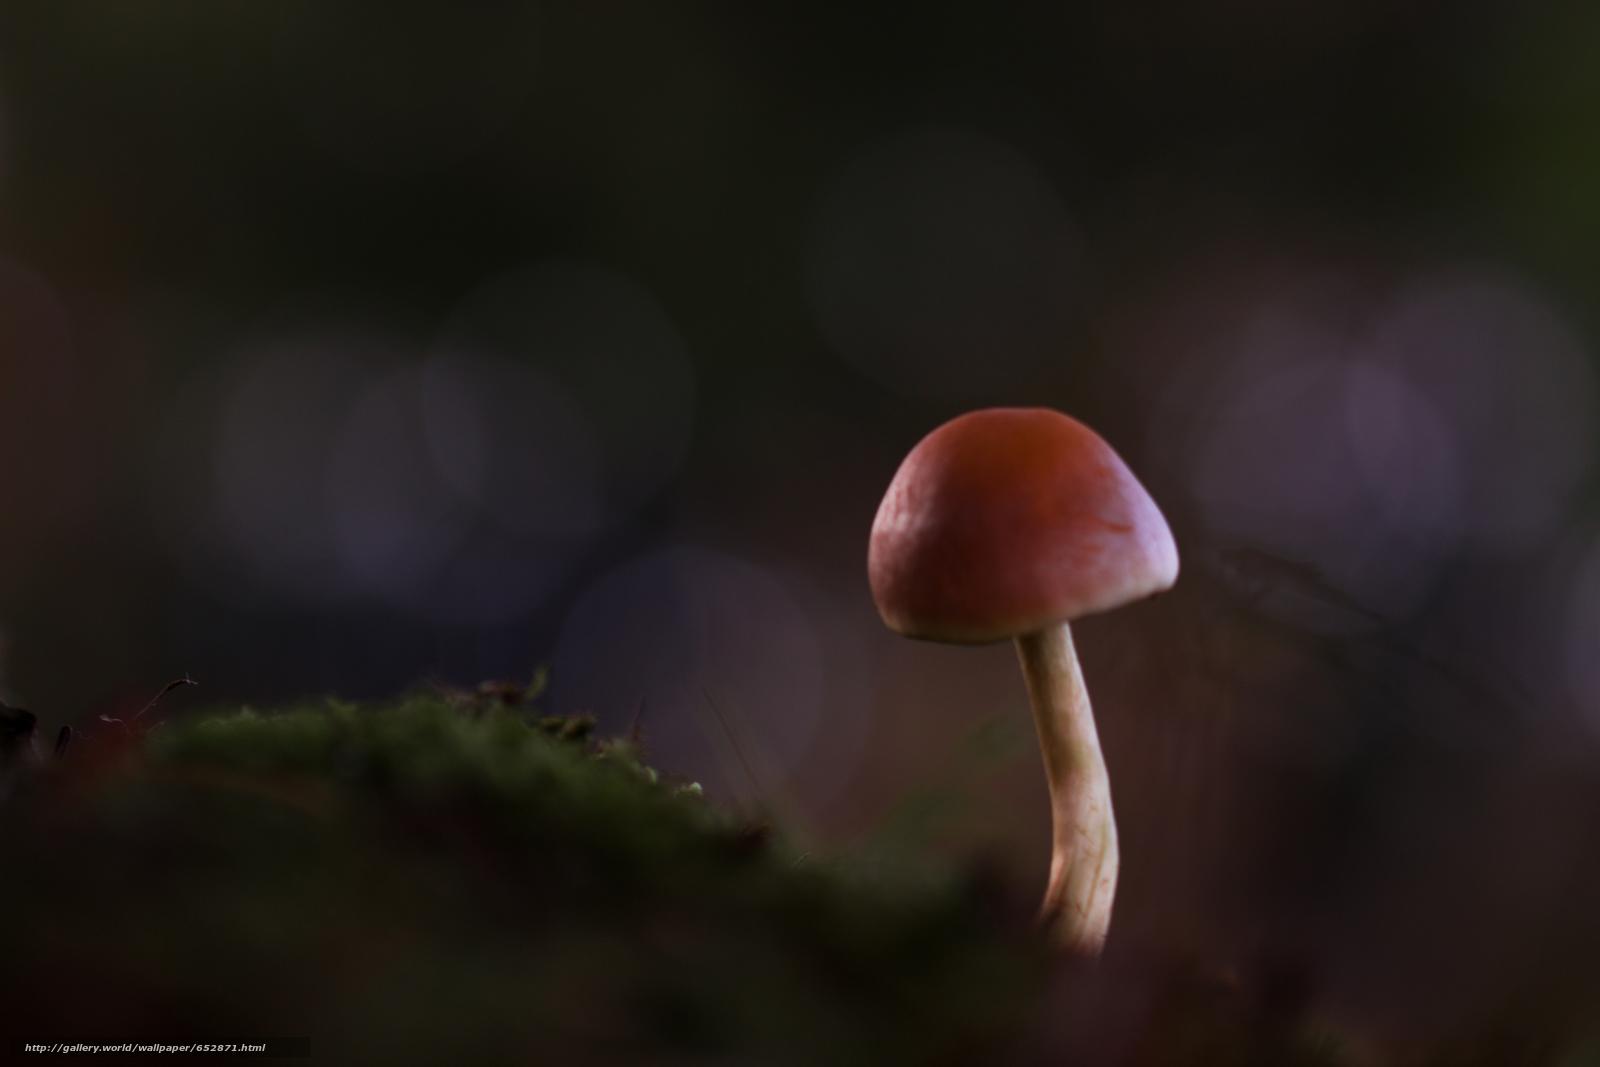 Скачать обои грибы,  гриб,  макро бесплатно для рабочего стола в разрешении 5184x3456 — картинка №652871